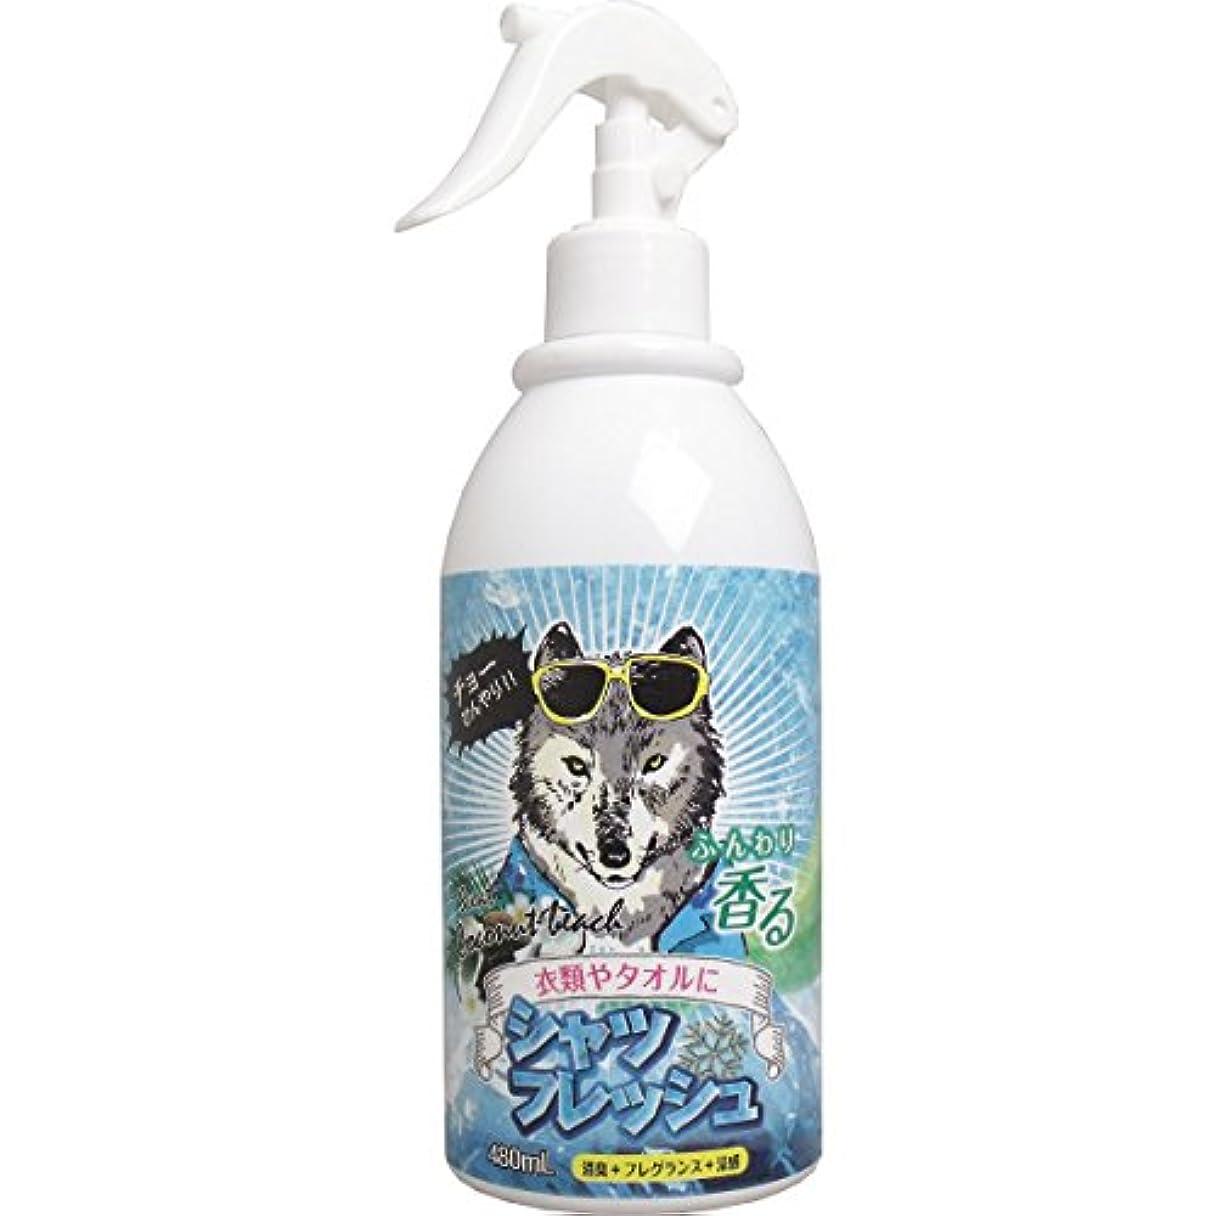 プロフィール一緒失望香るシャツフレッシュ オオカミ ココナッツピーチの香り 480mL